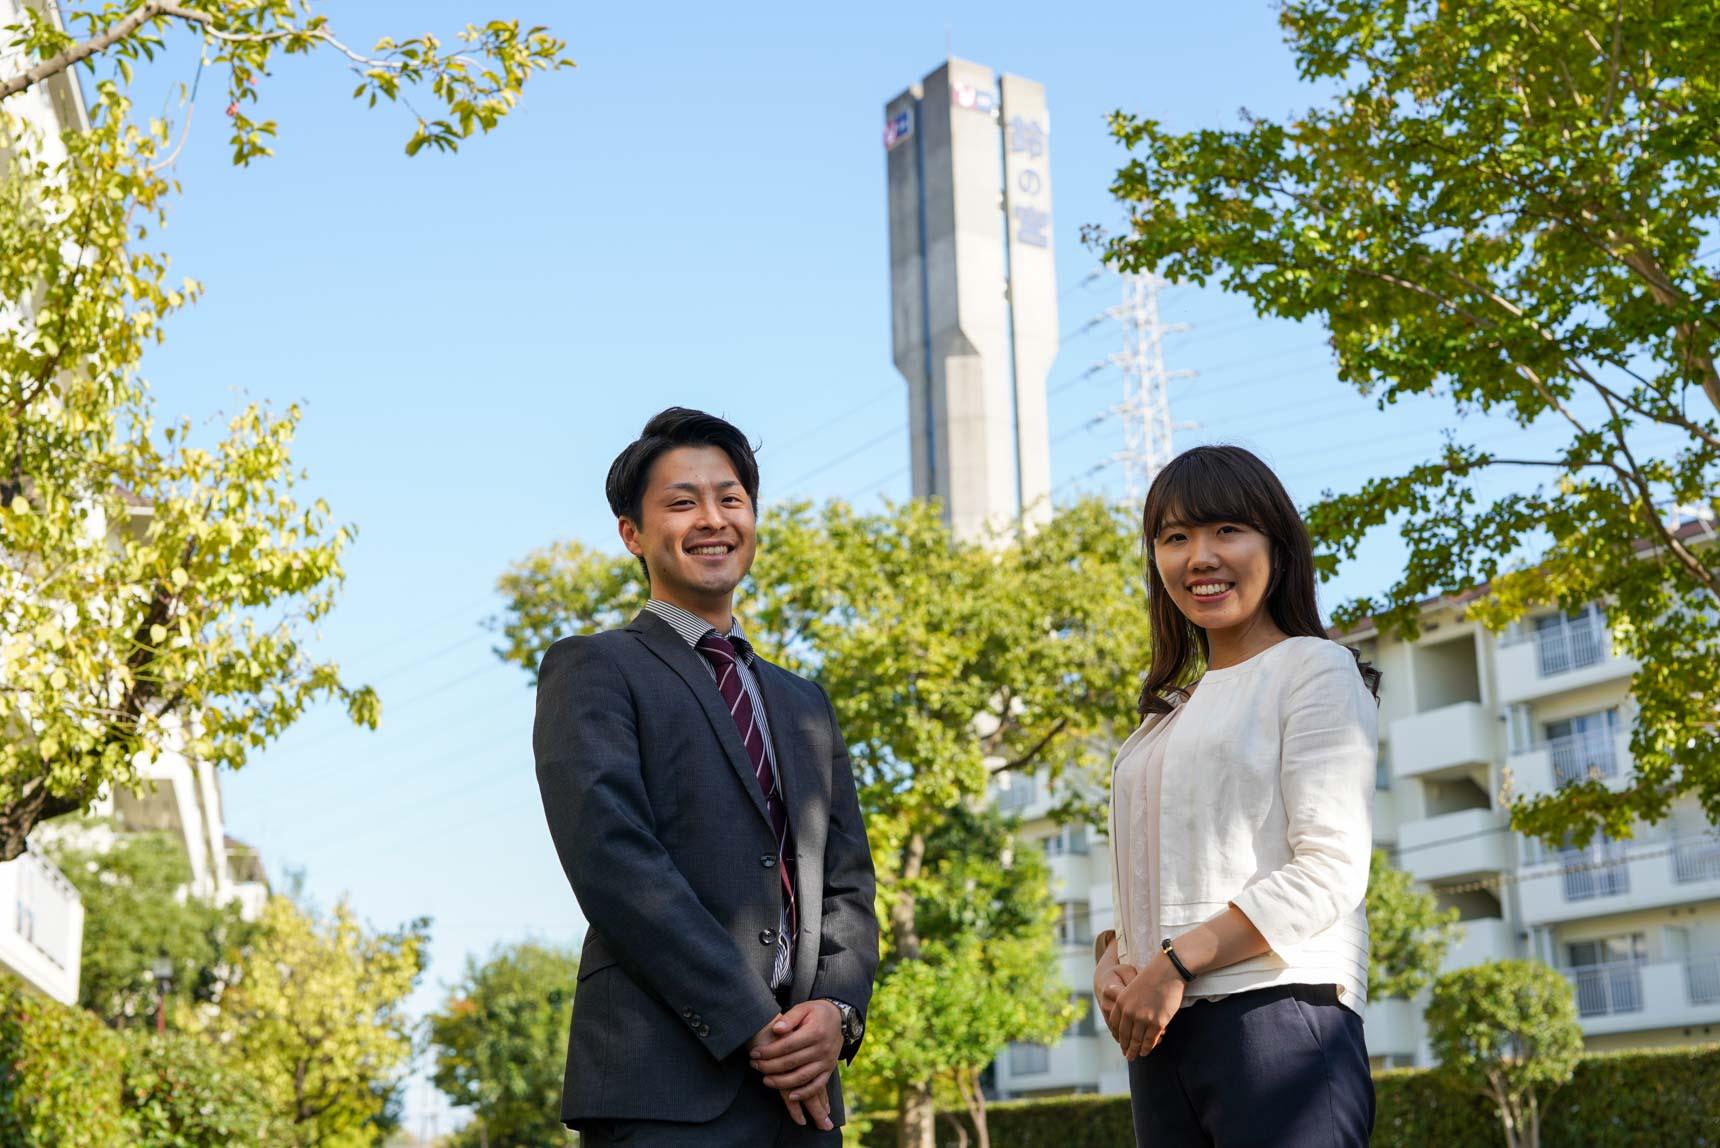 ご案内していただいたのは、写真左からUR都市機構の原田さんと大津さん。